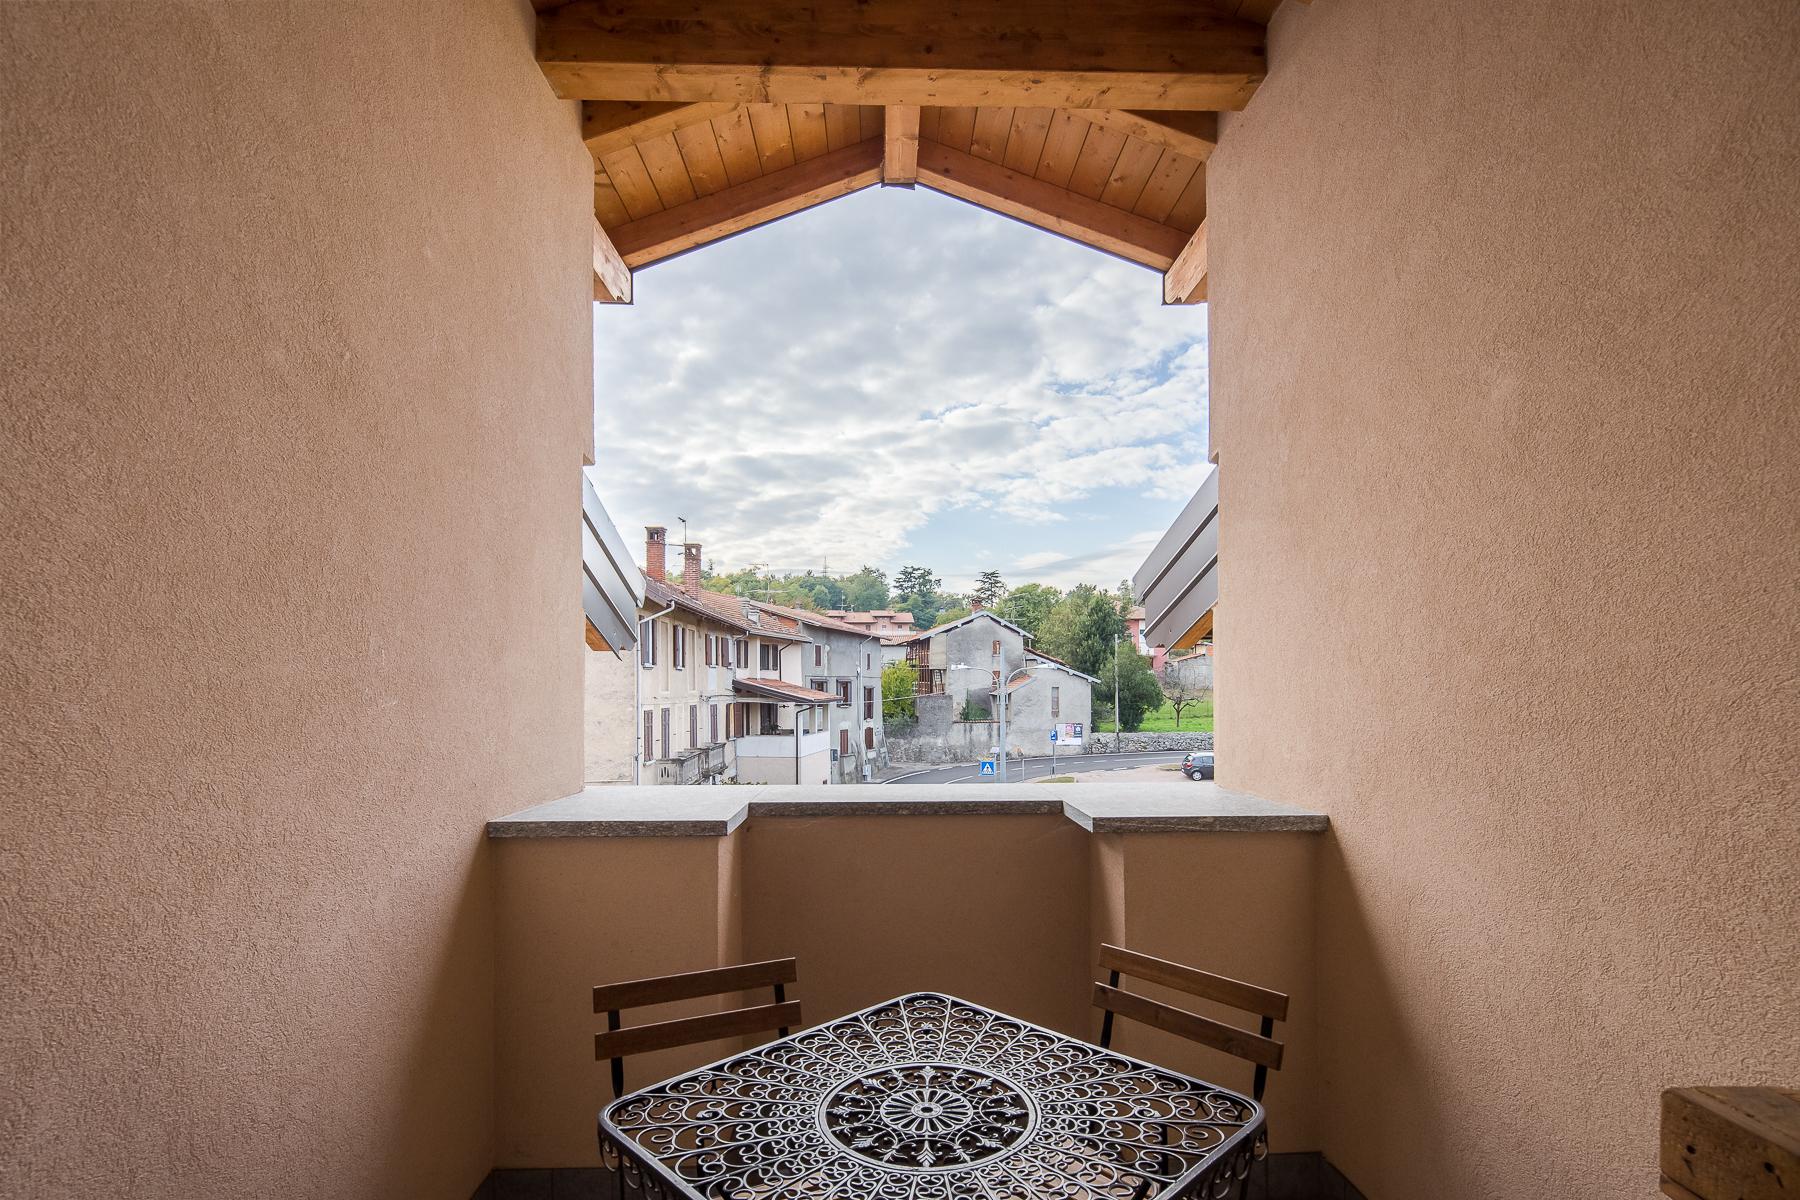 Attico in Vendita a Paruzzaro borgo via borgoagnello